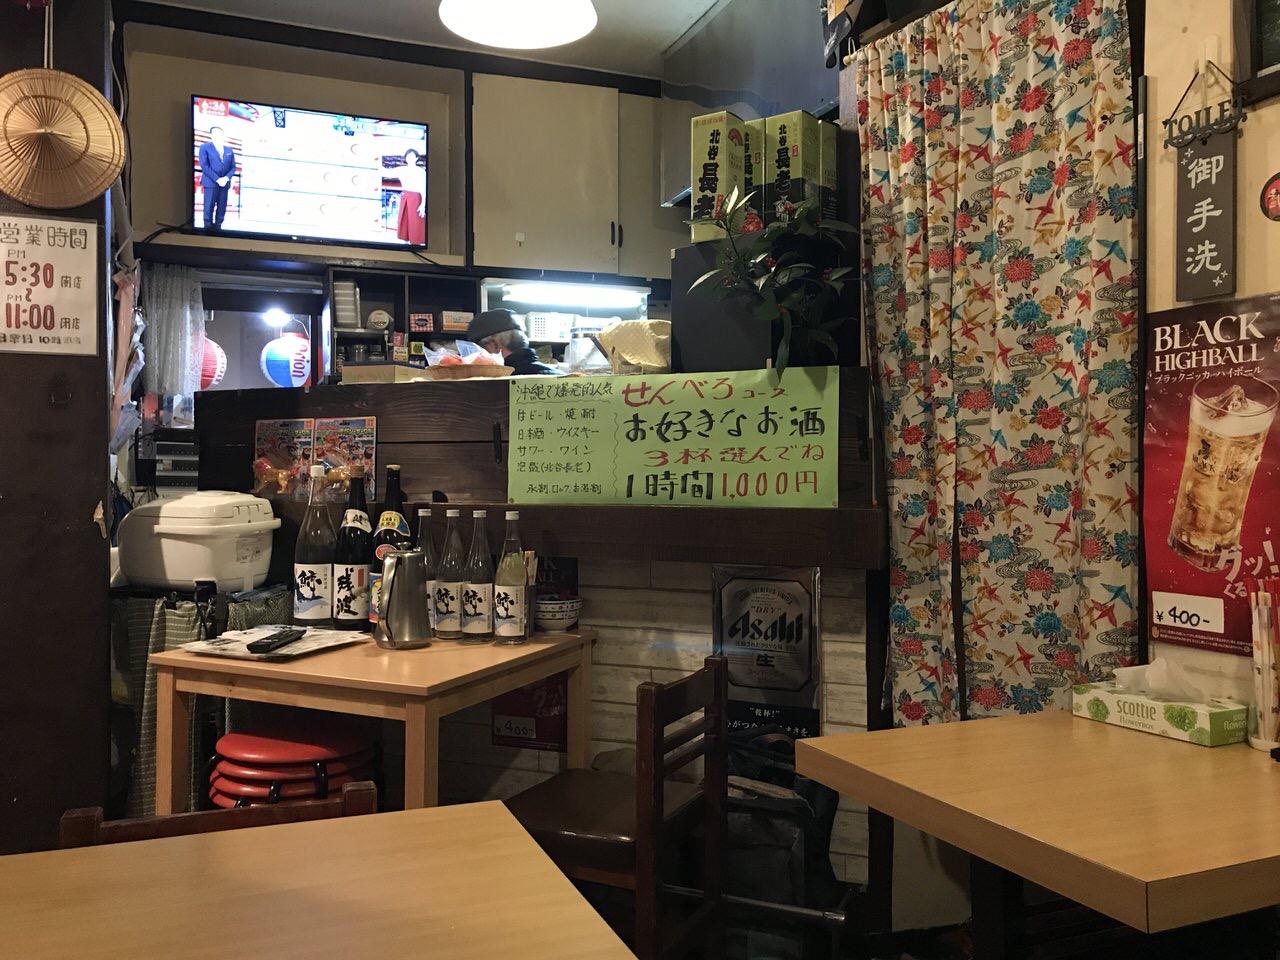 沖縄料理店「アバサー」店内